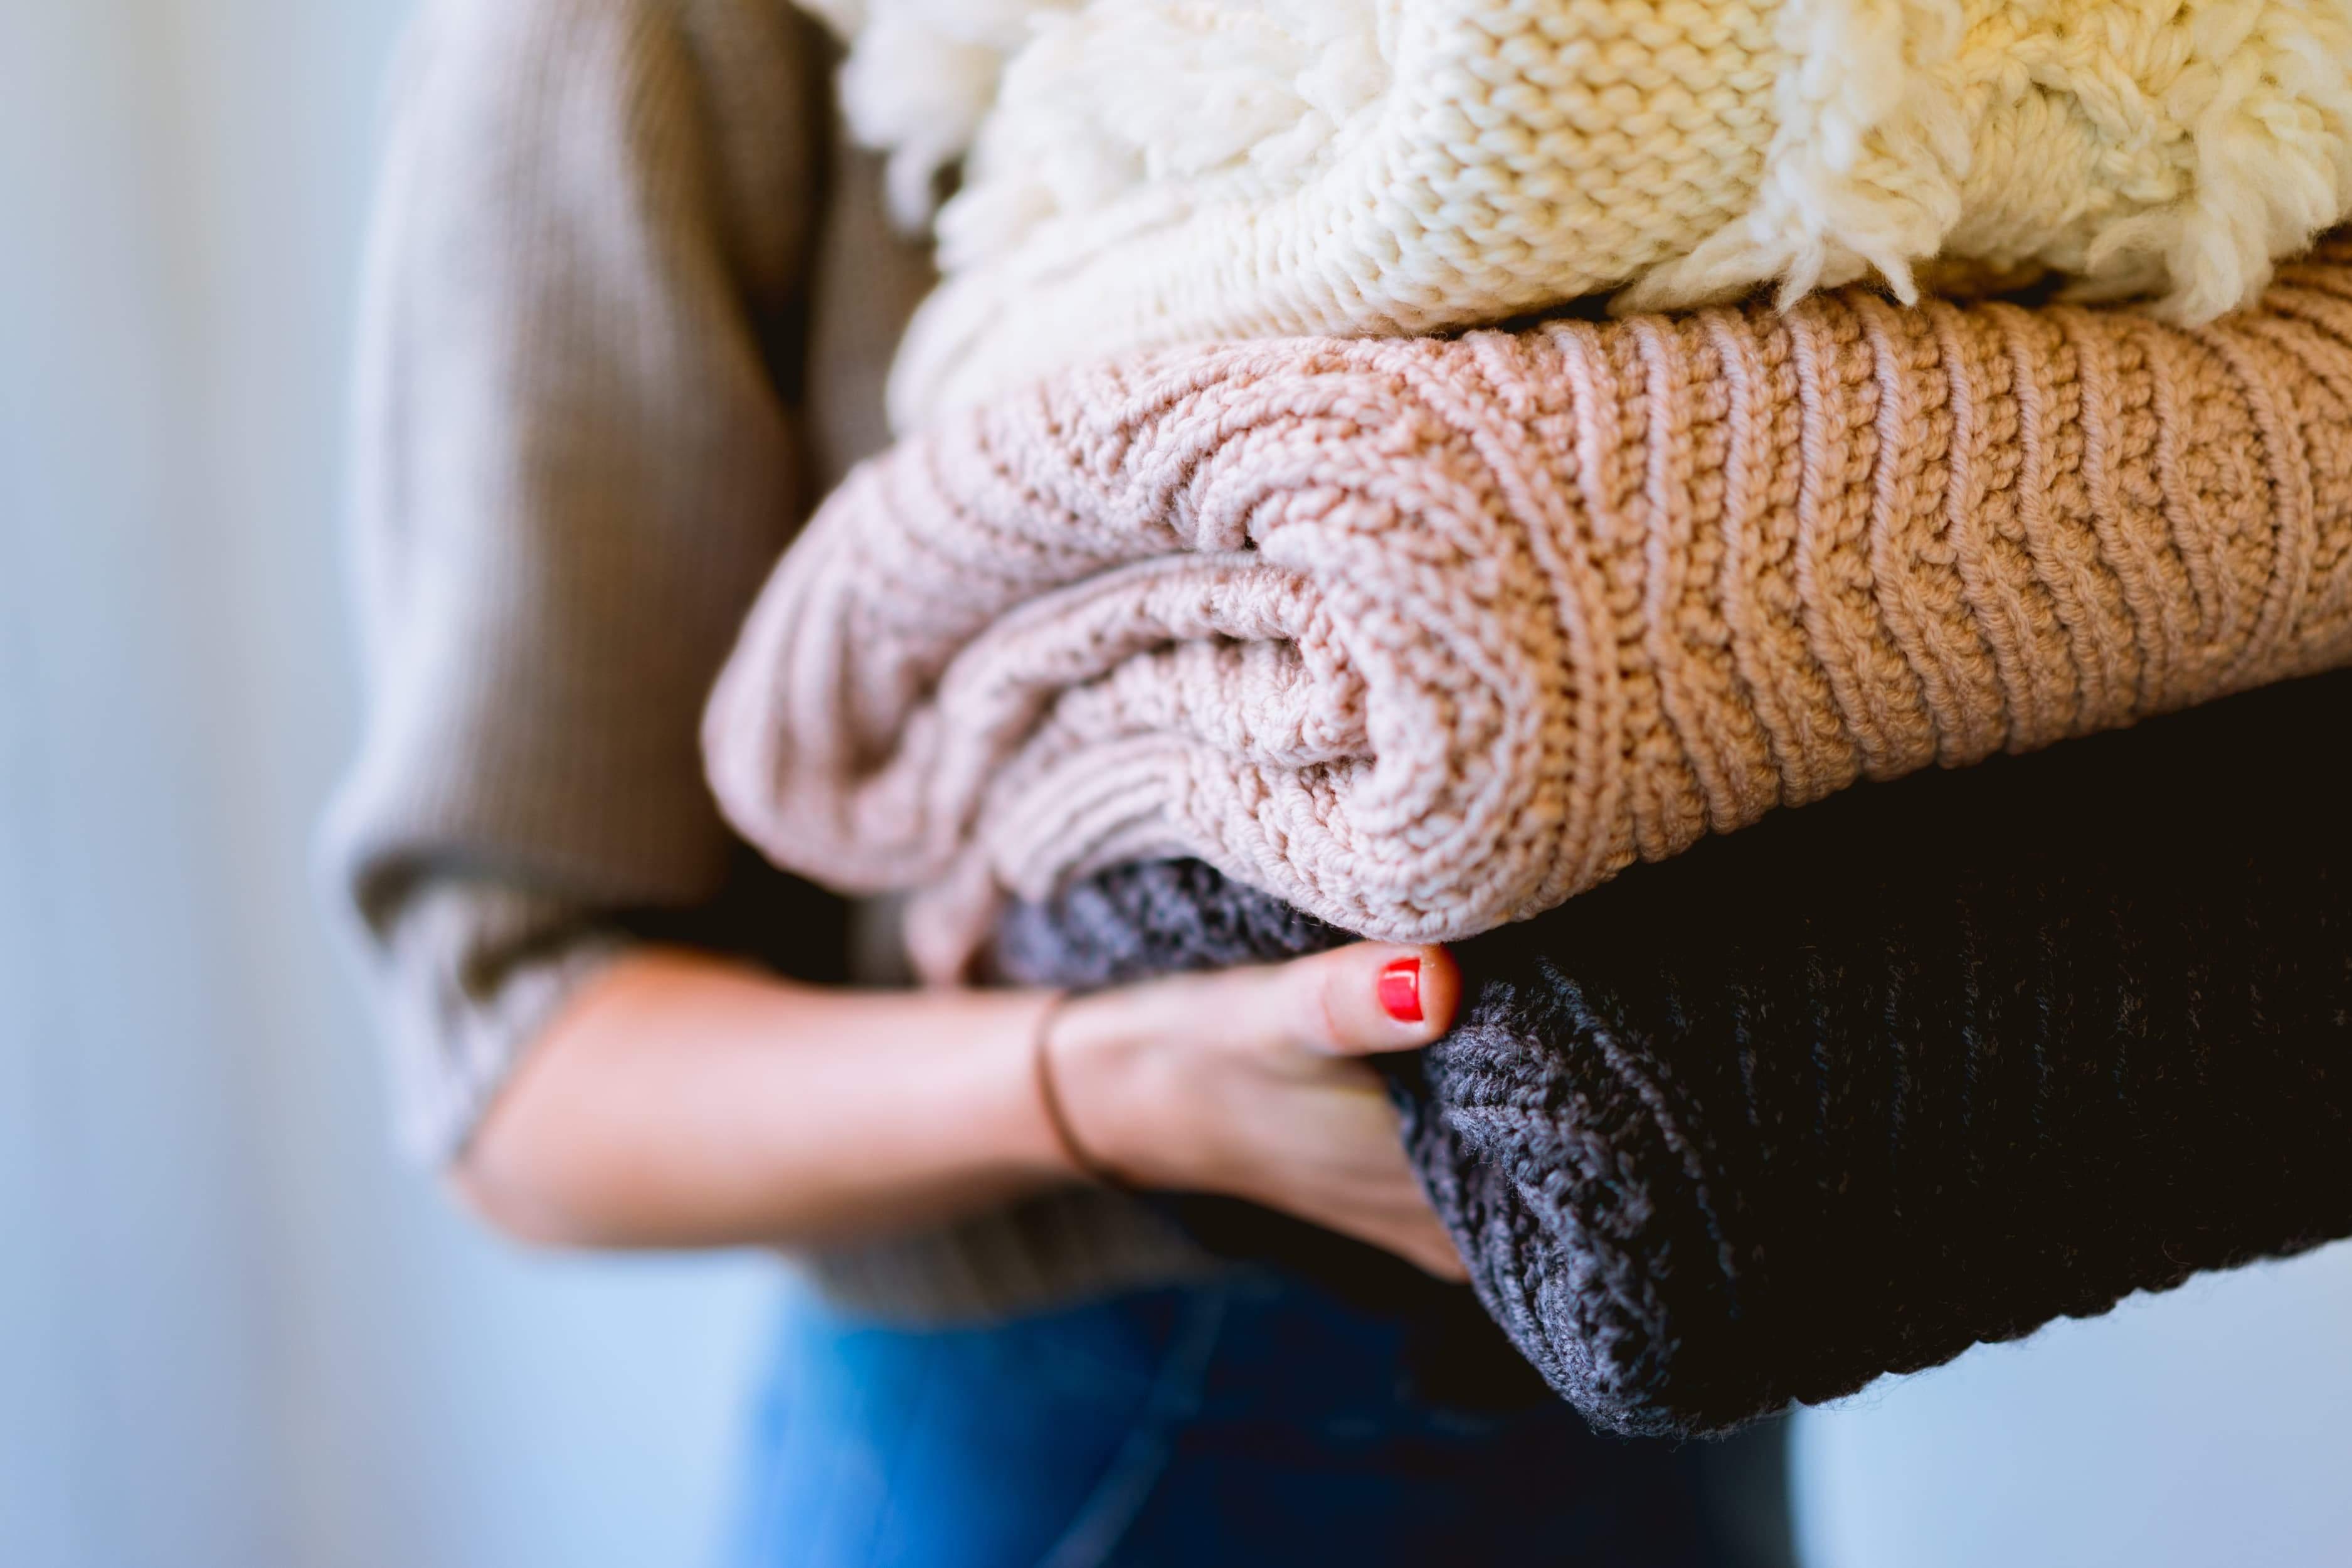 5 kinh nghiệm hay cho người lần đầu dùng máy sấy quần áo - Ảnh 3.